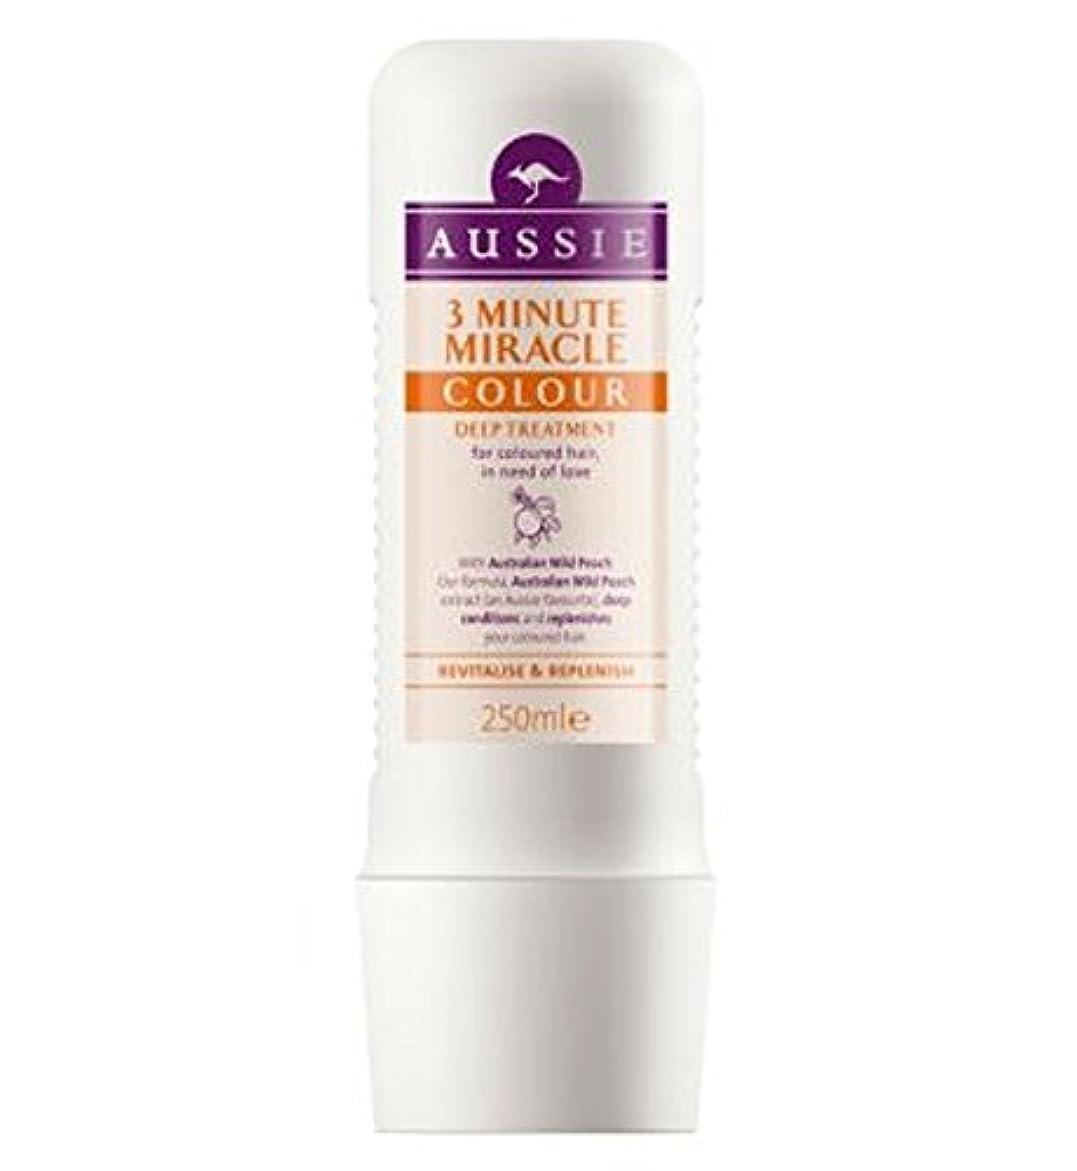 自分助手唇オージー3分の奇跡色の深い処理250ミリリットル (Aussie) (x2) - Aussie 3 Minute Miracle Colour Deep Treatment 250ml (Pack of 2) [並行輸入品]